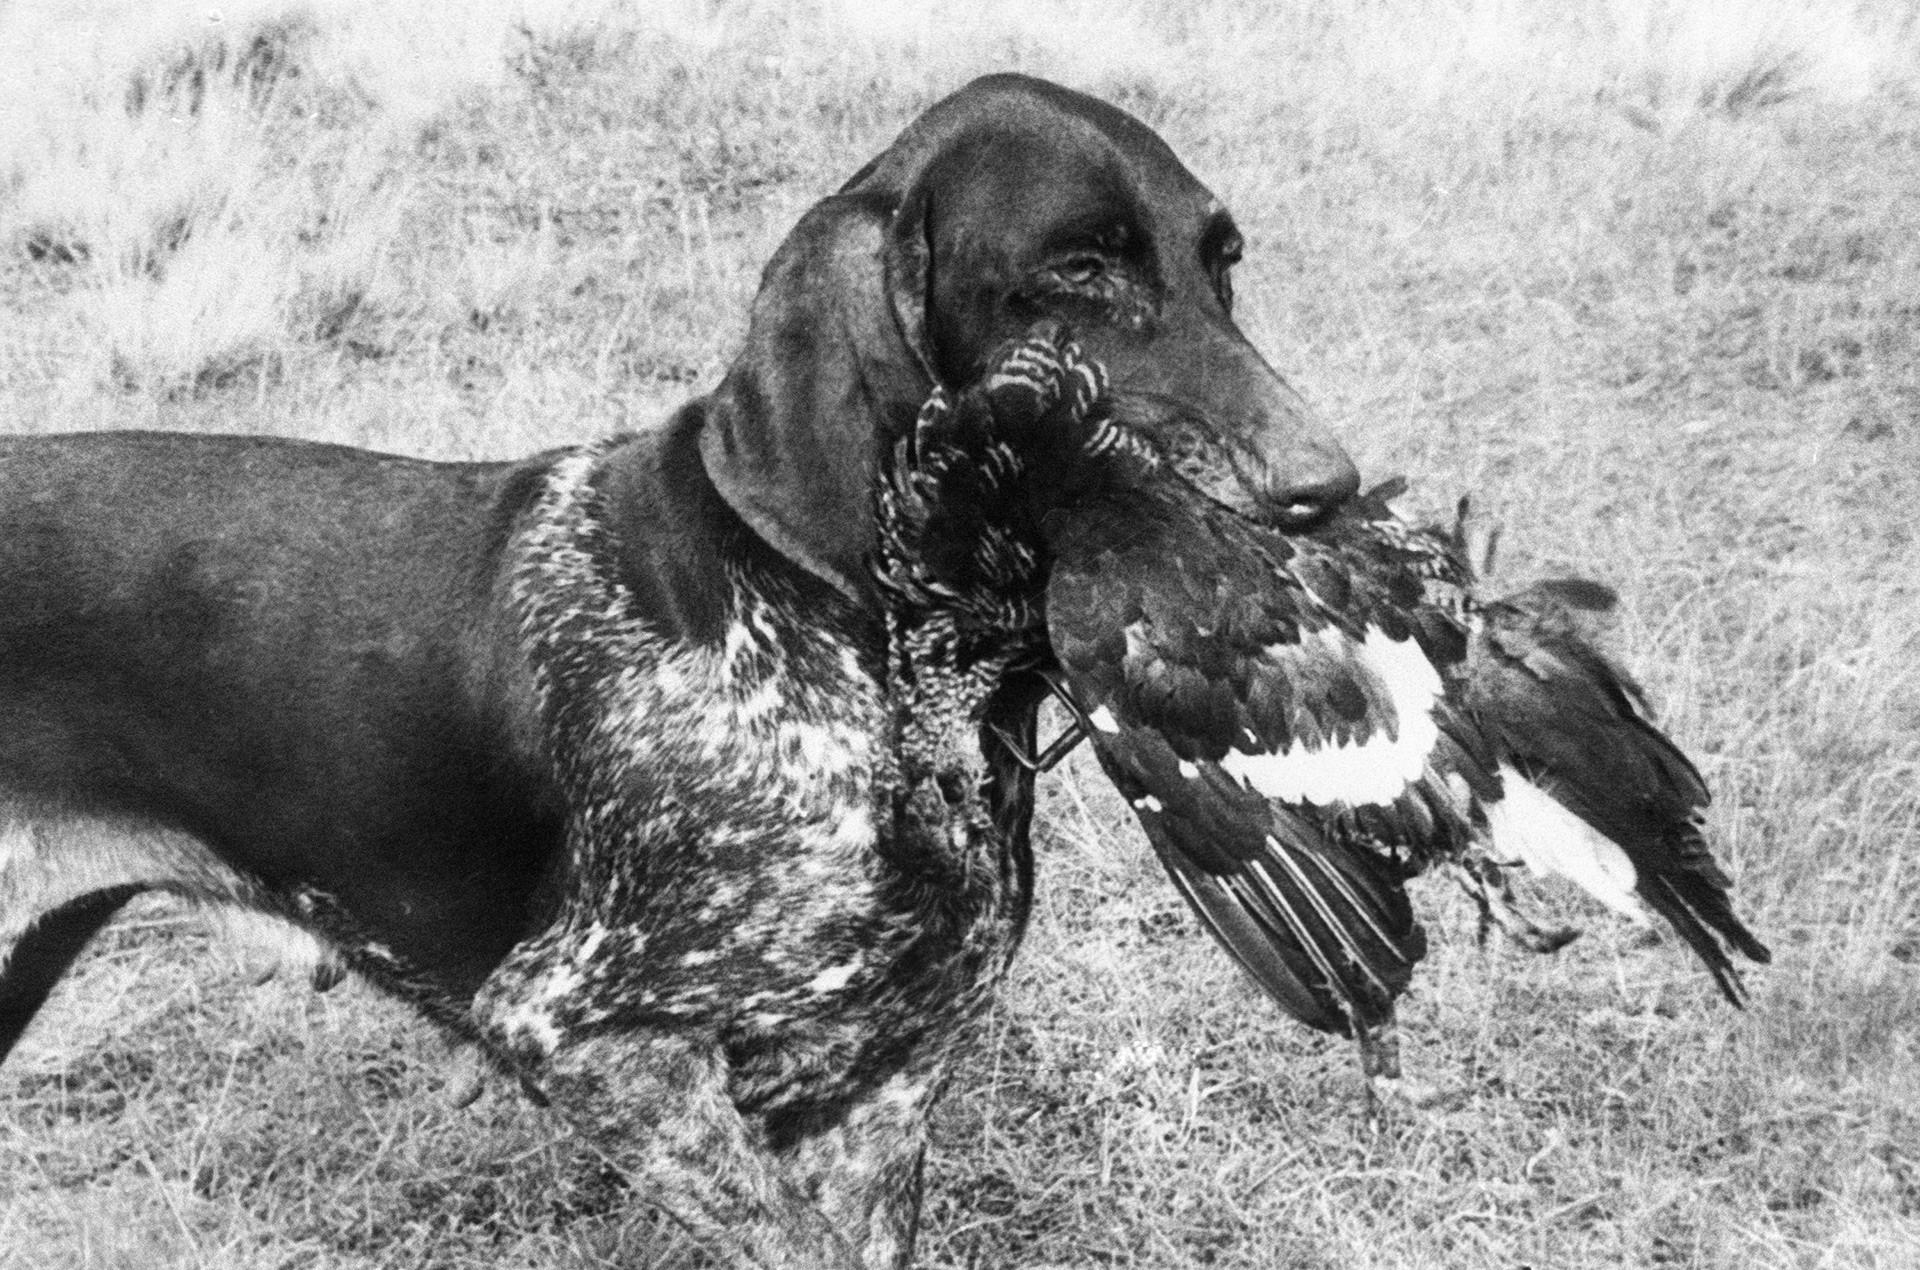 クルツハーリガーがモスクワで行われた第24回の猟犬展覧会で捕まった鳥を持っている。